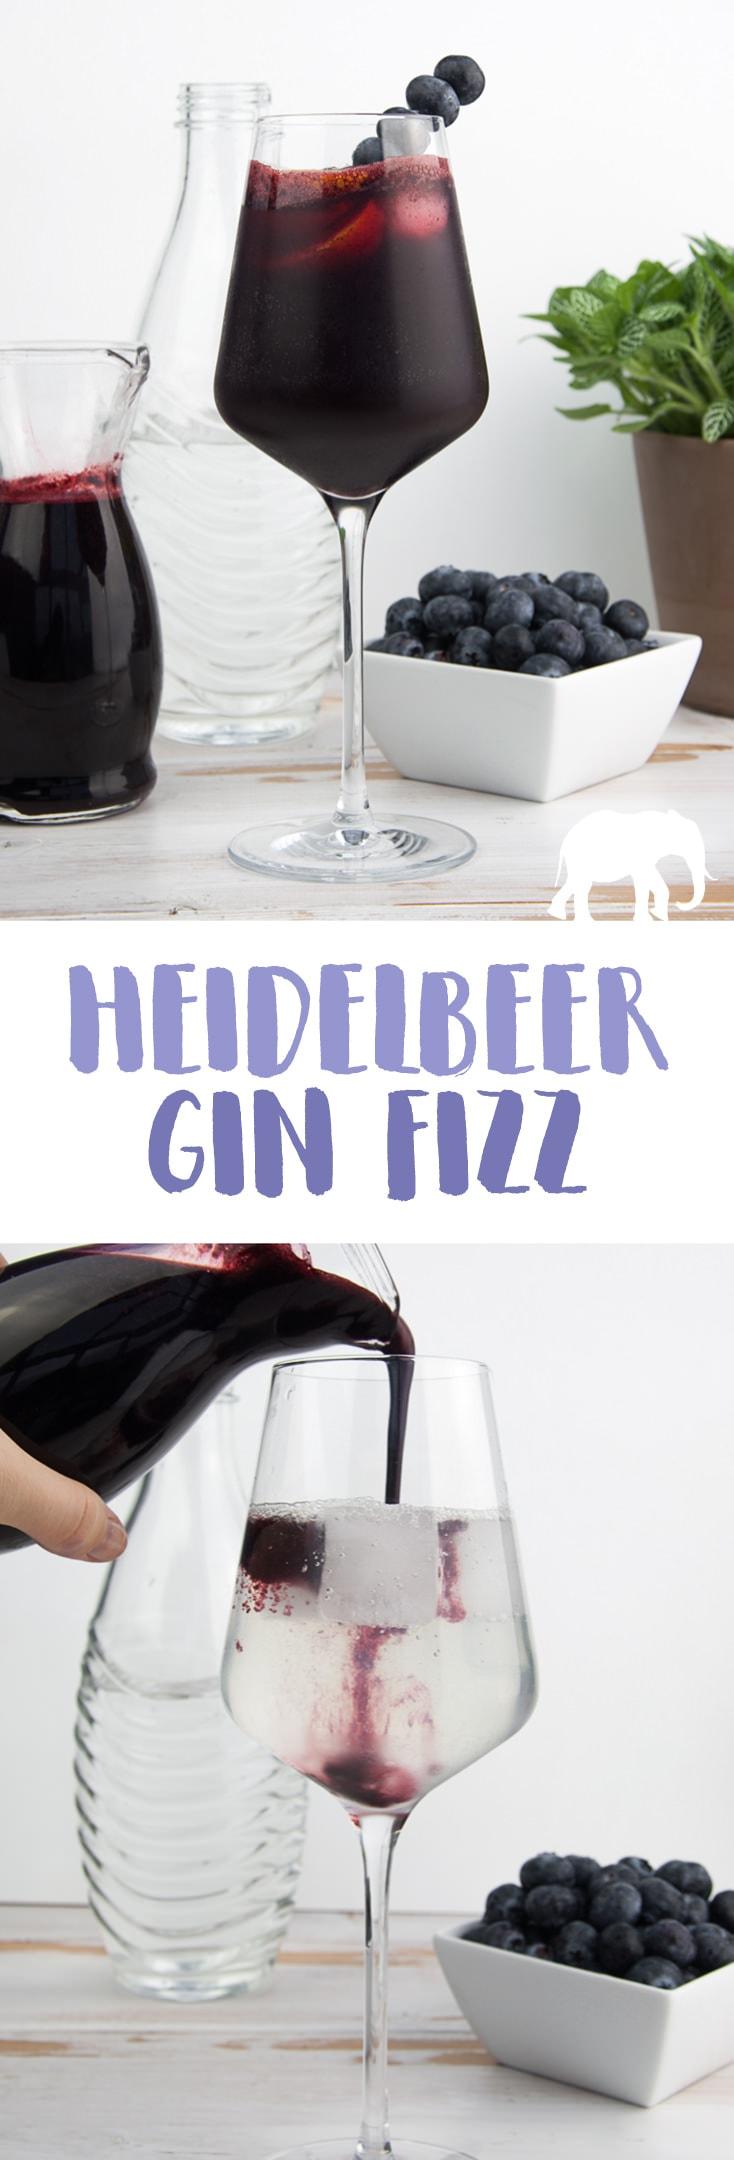 Heidelbeer-Gin-Fizz mit selbstgemachtem Heidelbeer-Sirup |Kooperation mit SodaStream {werbung} #cocktail #heidelbeeren